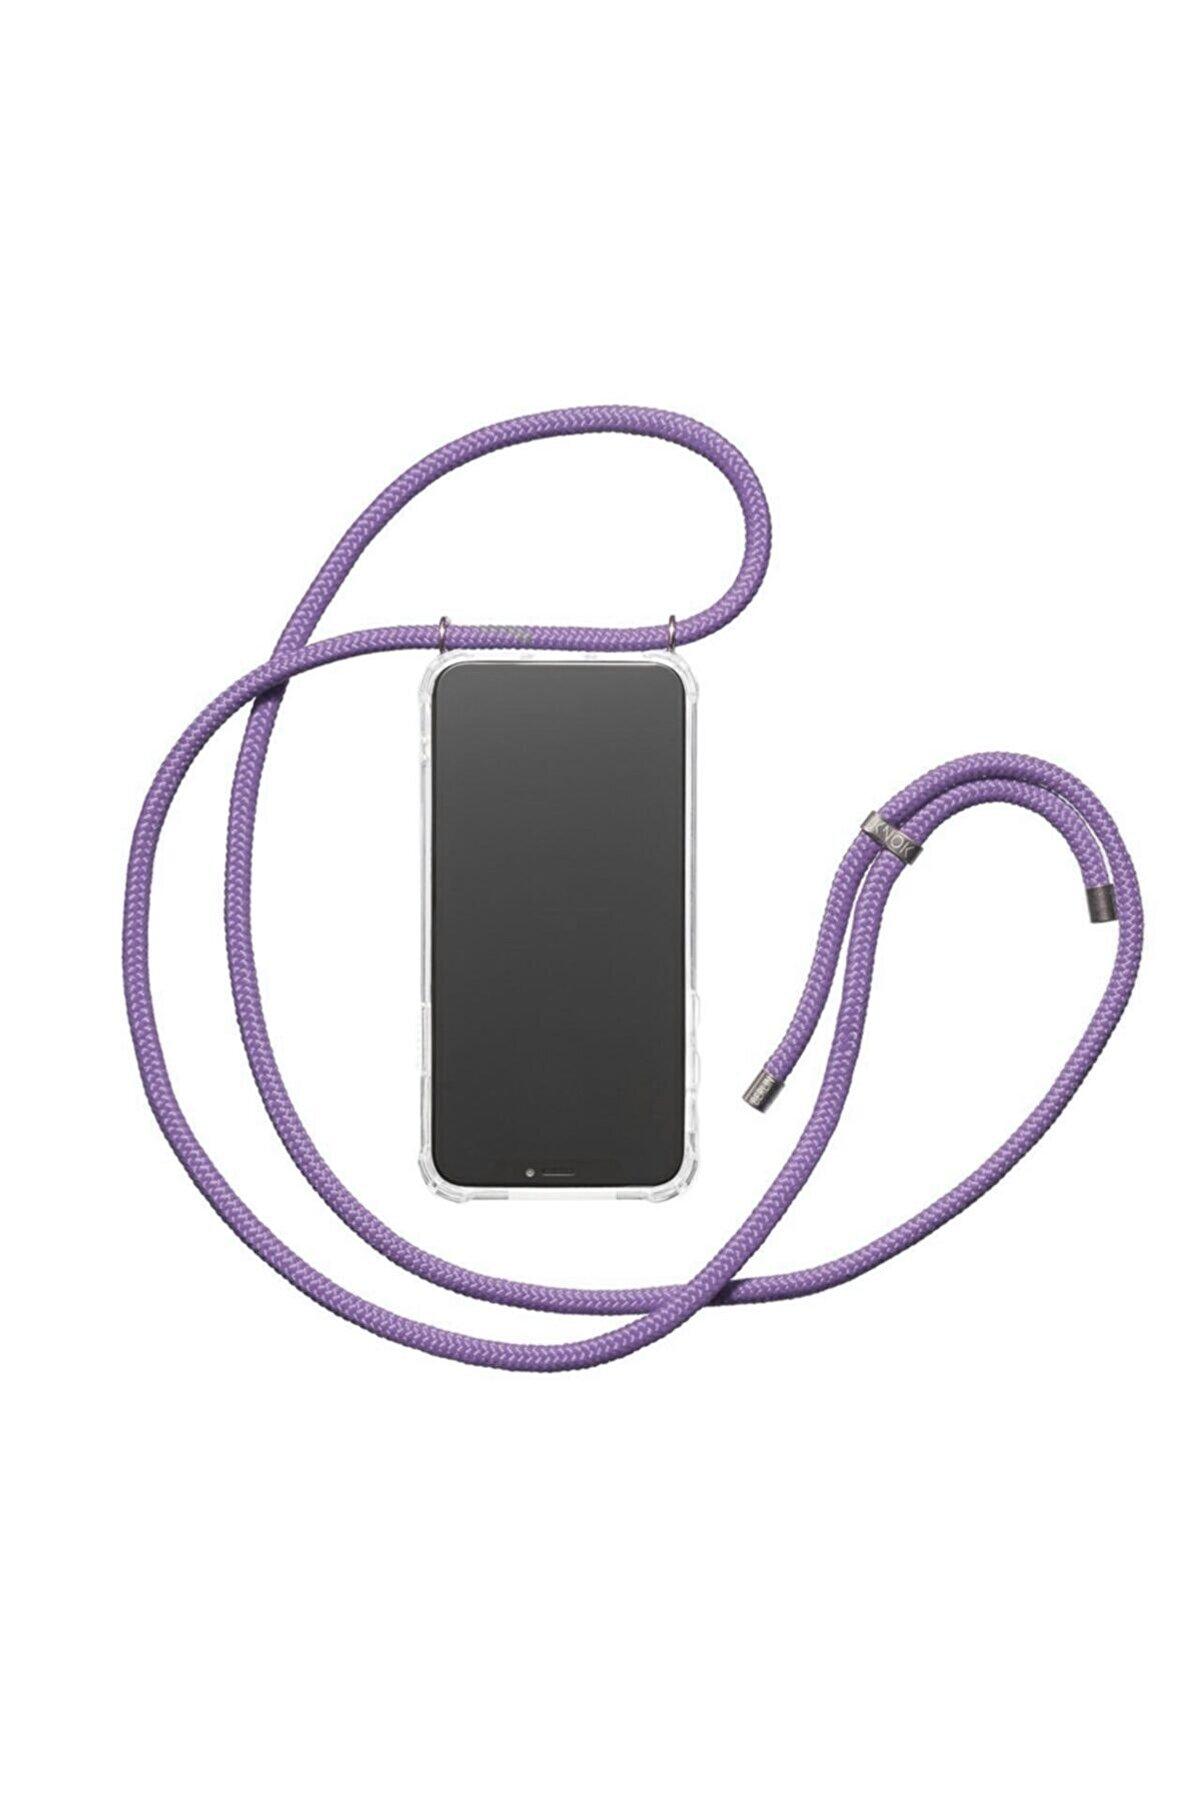 Teknoçeri Iphone 6 / 6s Uyumlu Şeffaf Boyun Askılı Ipli Kılıf